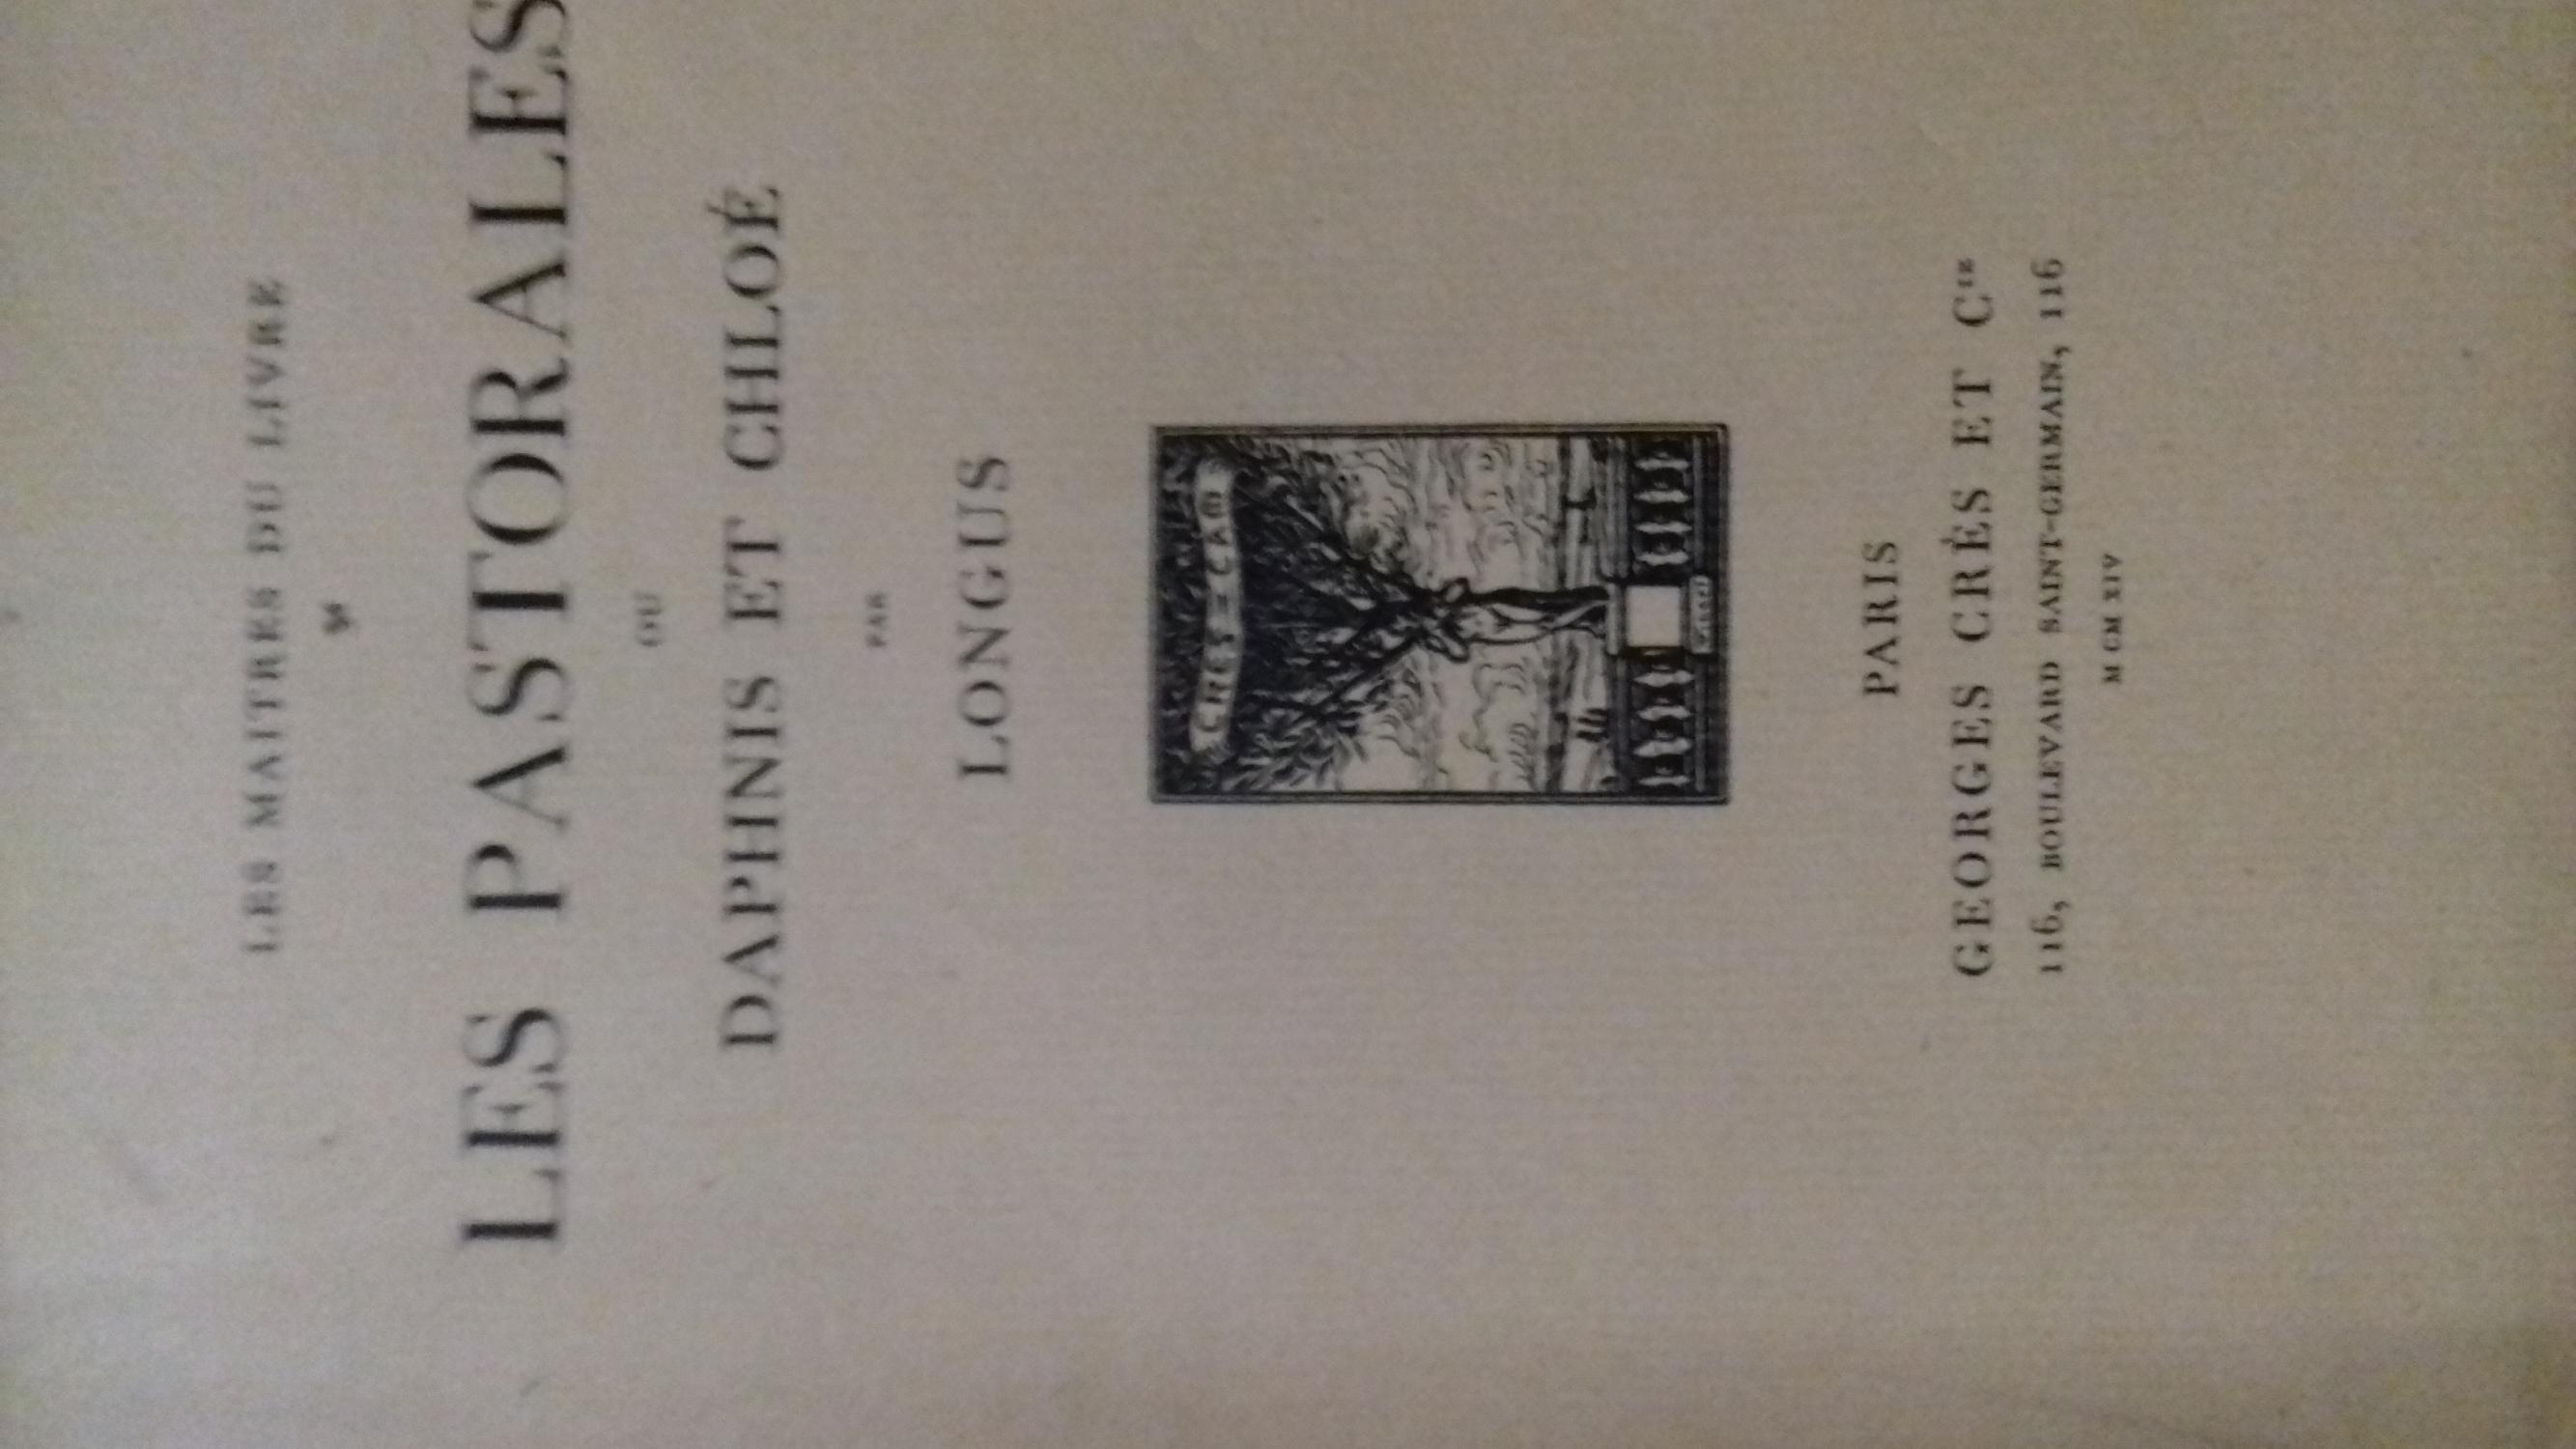 Les Pastorales de Longus, ou Daphnis et Chloé. Traduction complète par P. L. COURIER. Frontispice dessiné par CIOLKOWSKI et gravé sur bois par C. MAY ex 462 sur papier de rives